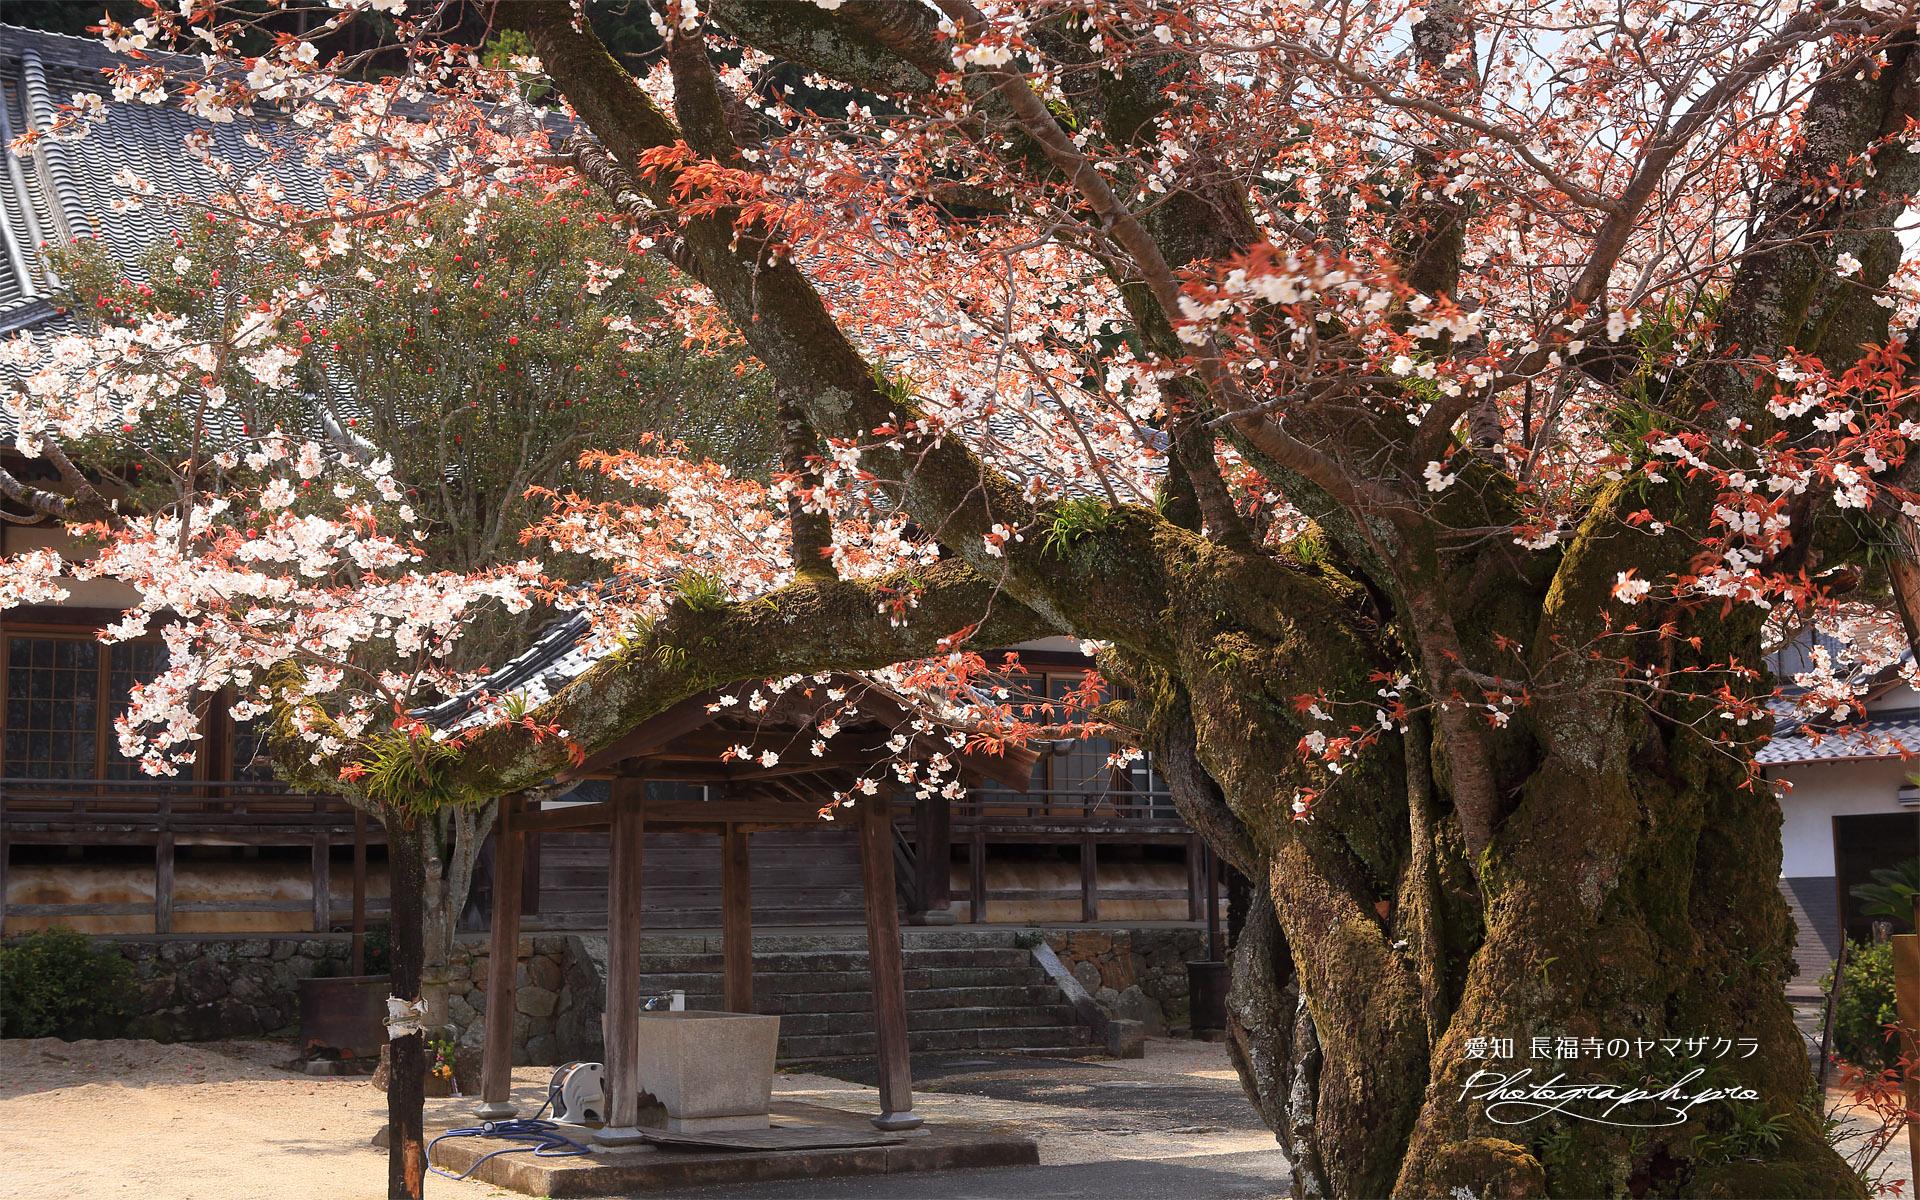 長福寺のヤマザクラ